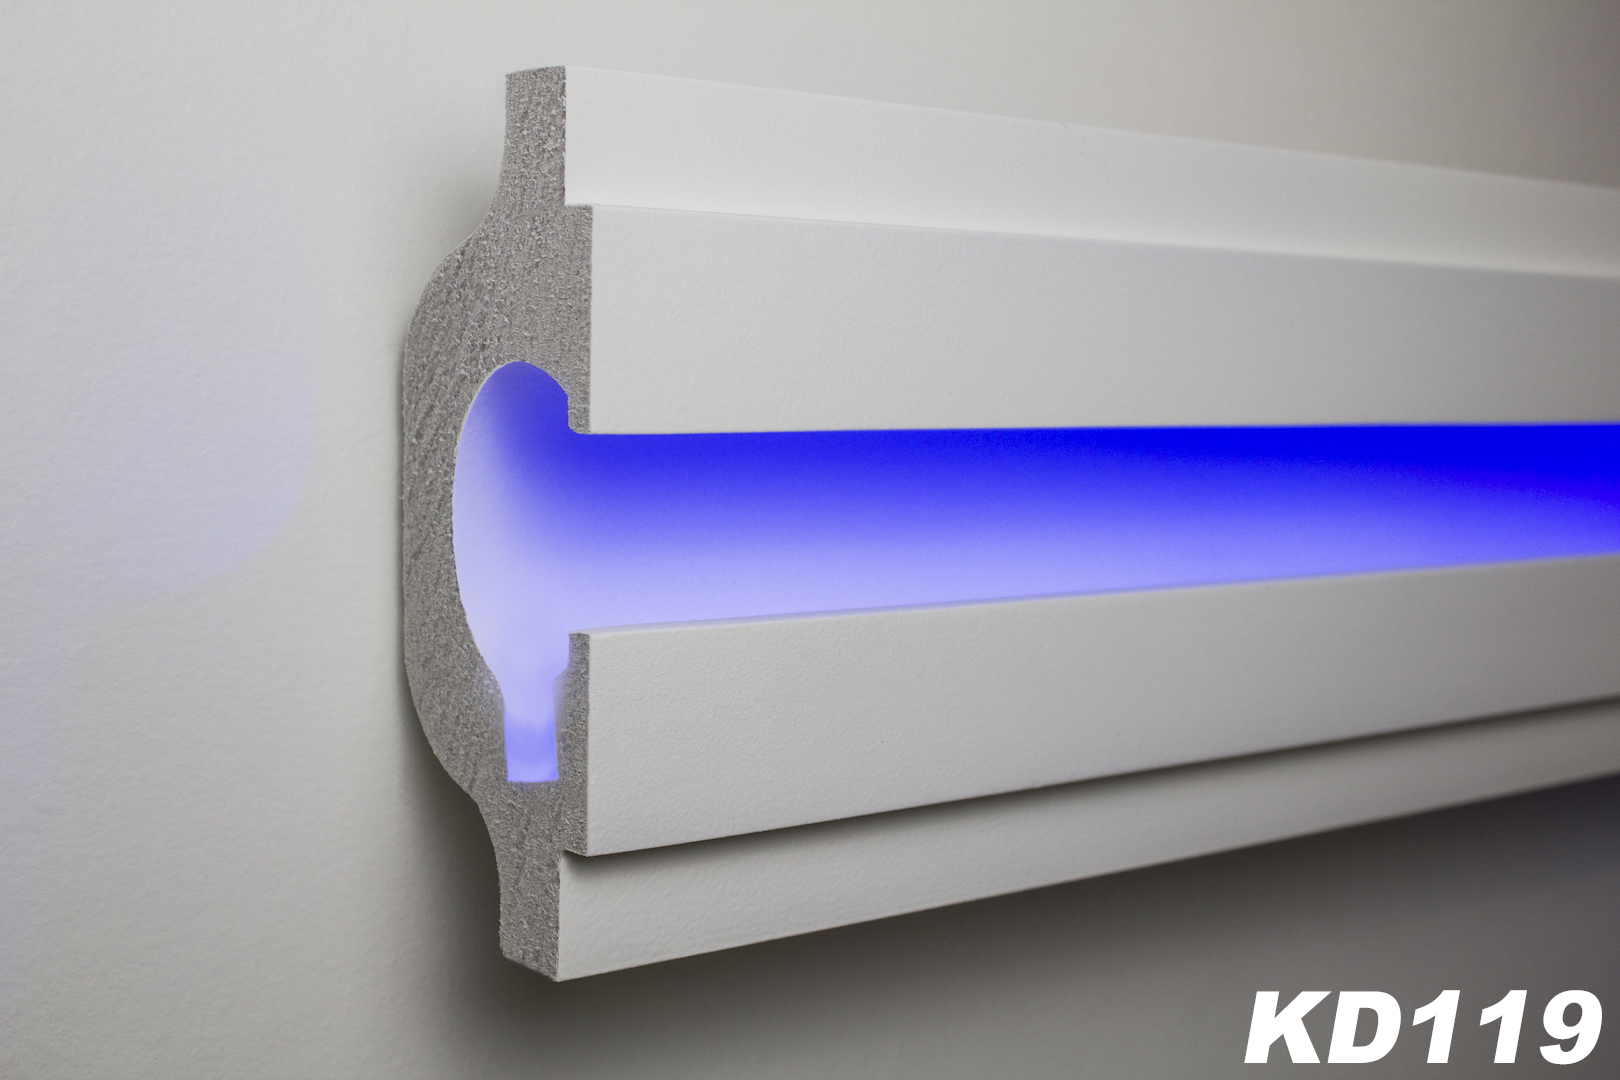 1 15 meter led stuckleiste f r indirekte beleuchtung xps 165x70 kd119 ebay. Black Bedroom Furniture Sets. Home Design Ideas